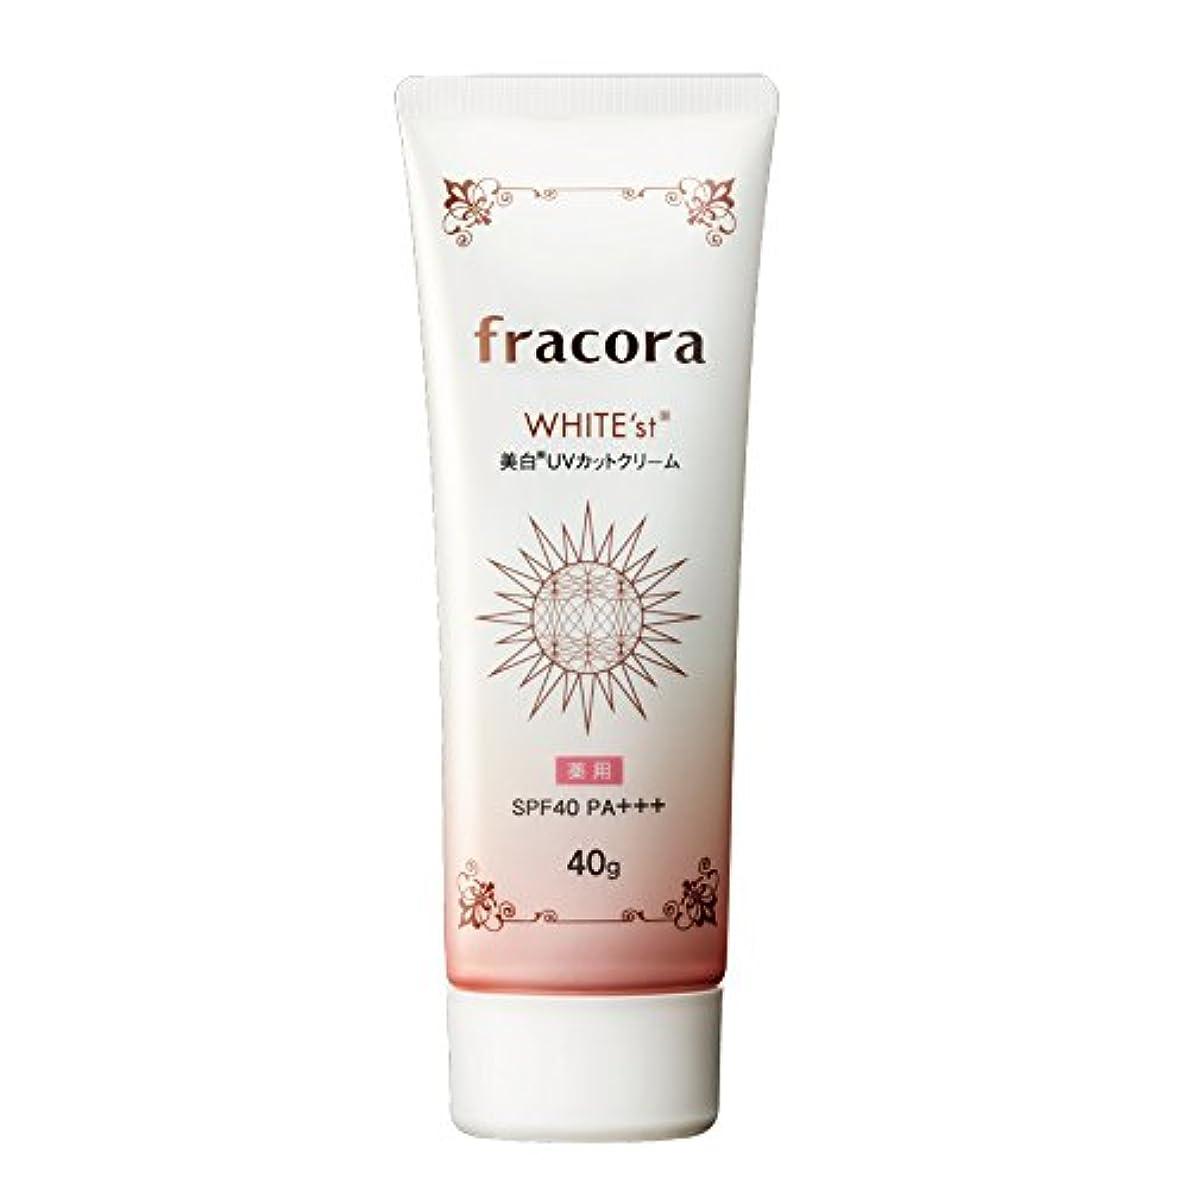 肉腫マットミルクfracora(フラコラ) ホワイテスト 美白UVカットクリーム 40g